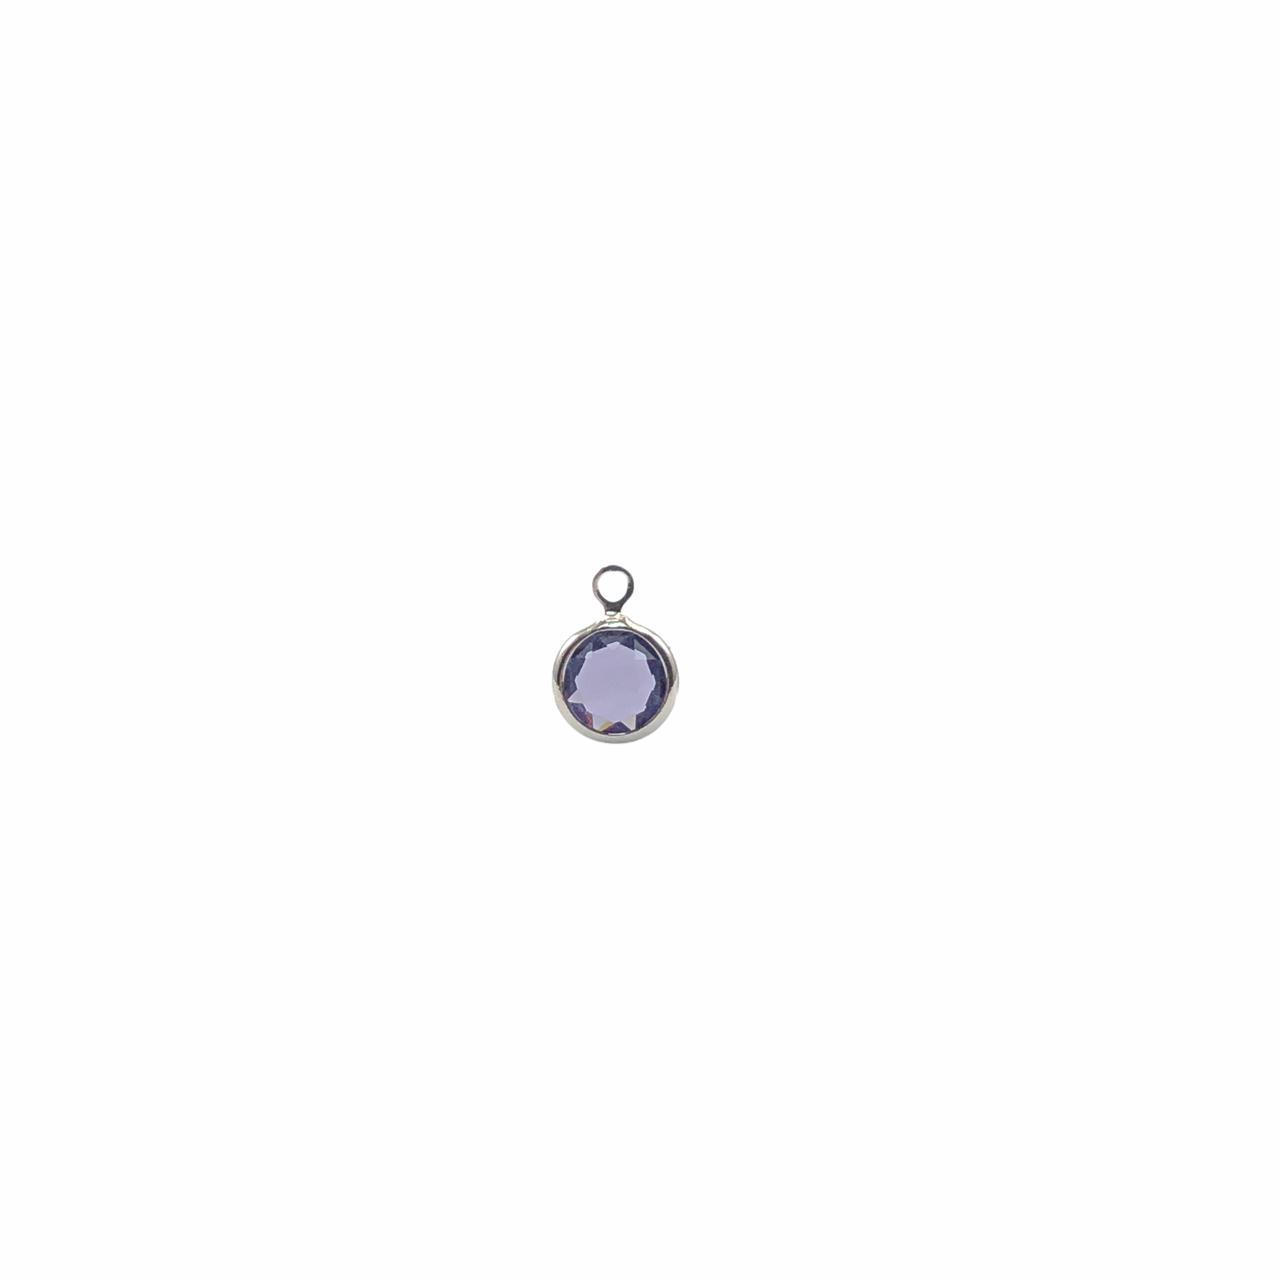 PG894 - Pingente De Vidro Roxo 6mm Banhado Cor Prata - 04Unids